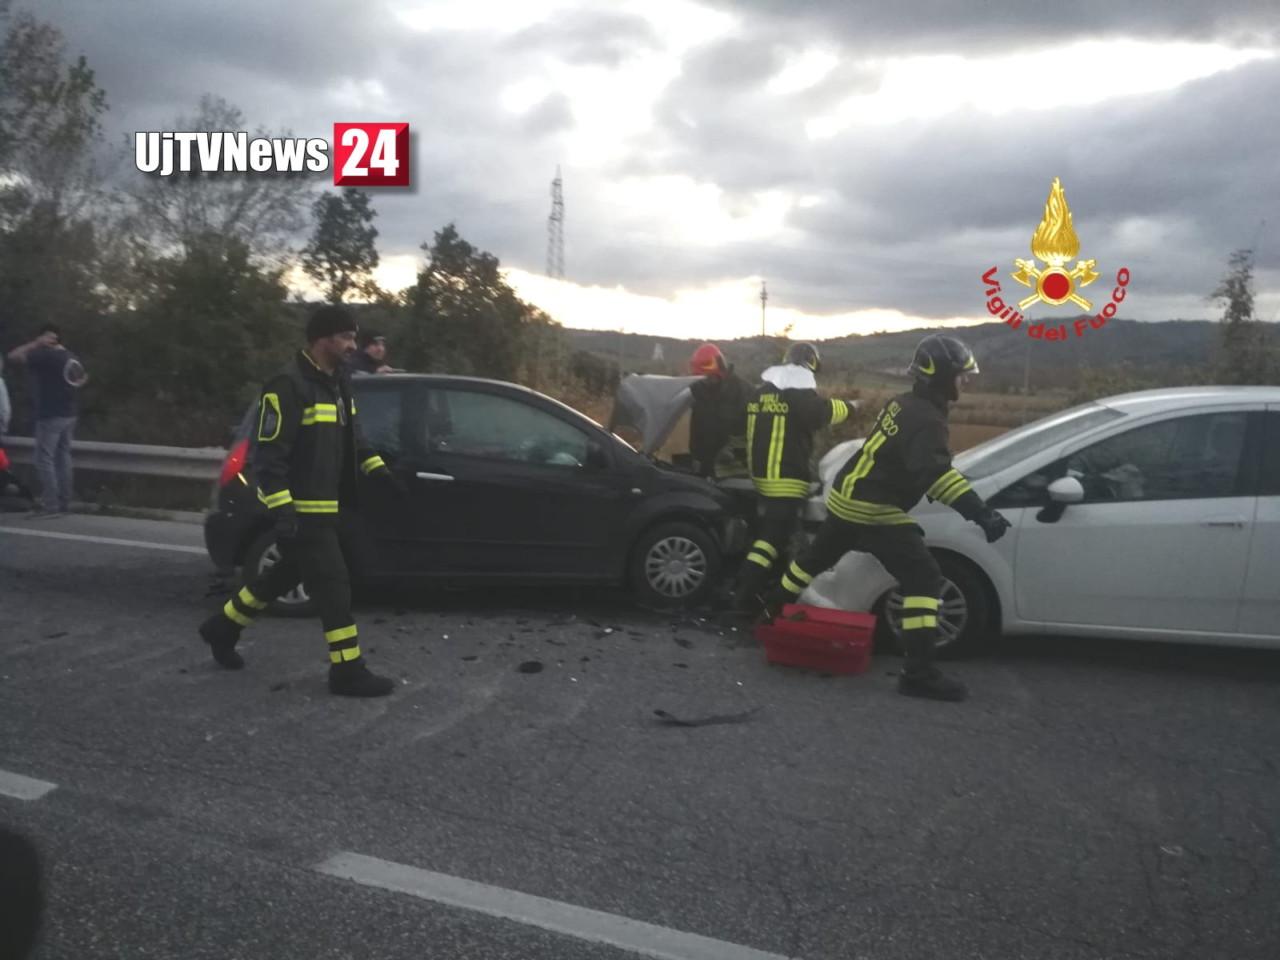 Incidente stradale a Gubbio, un ferito, è stato trasportato all'ospedale di Branca